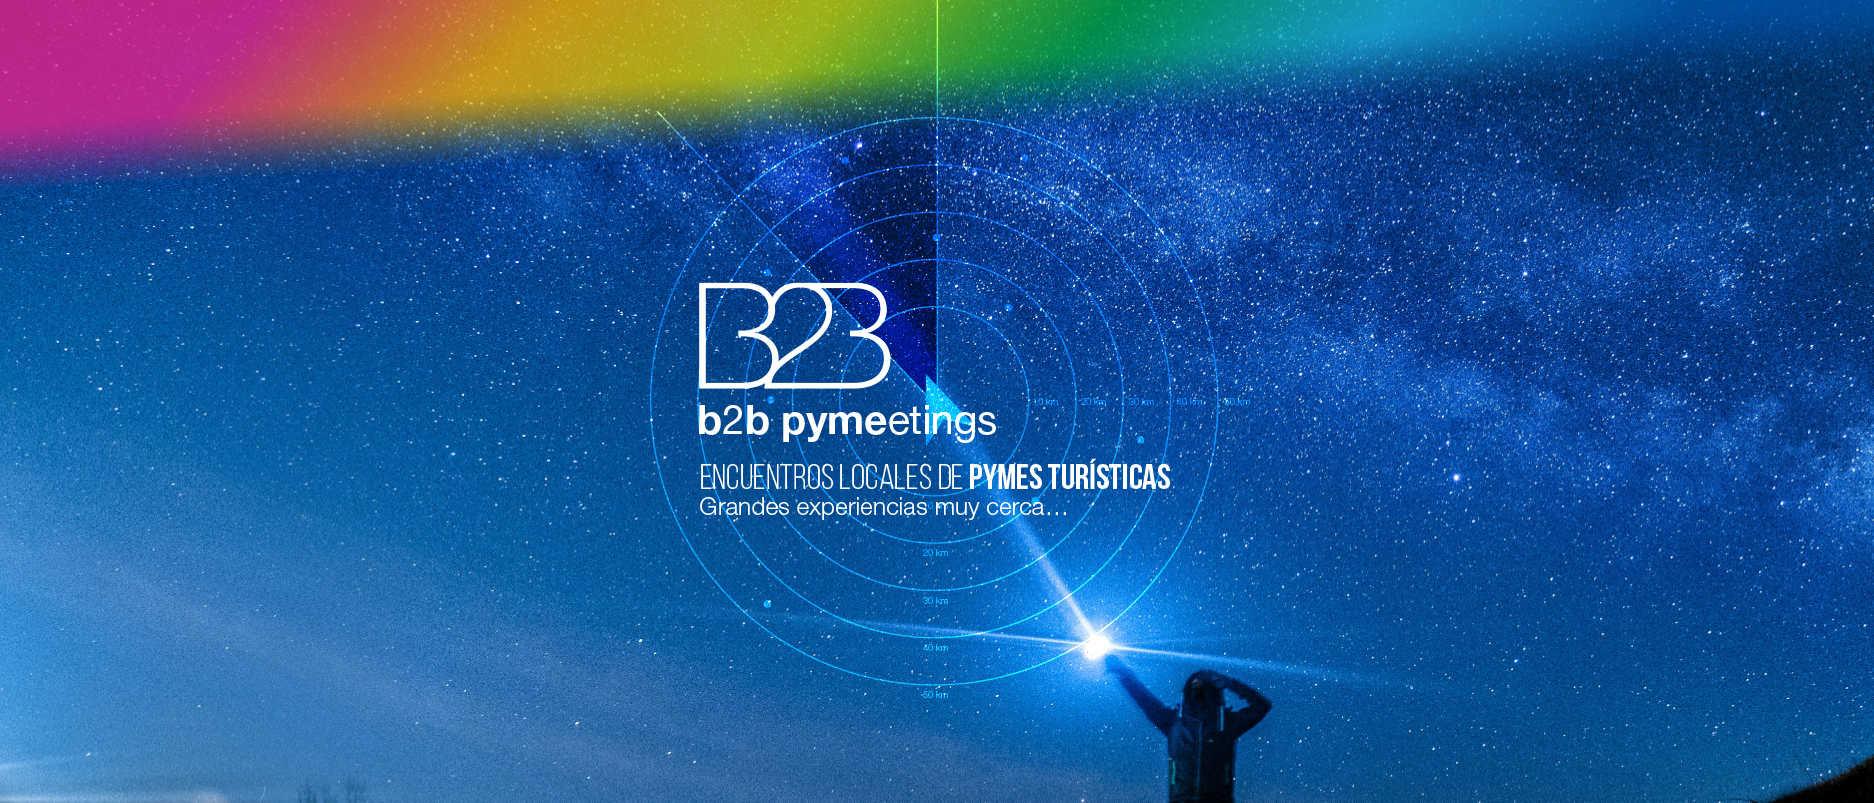 B2B_pymeetings_web